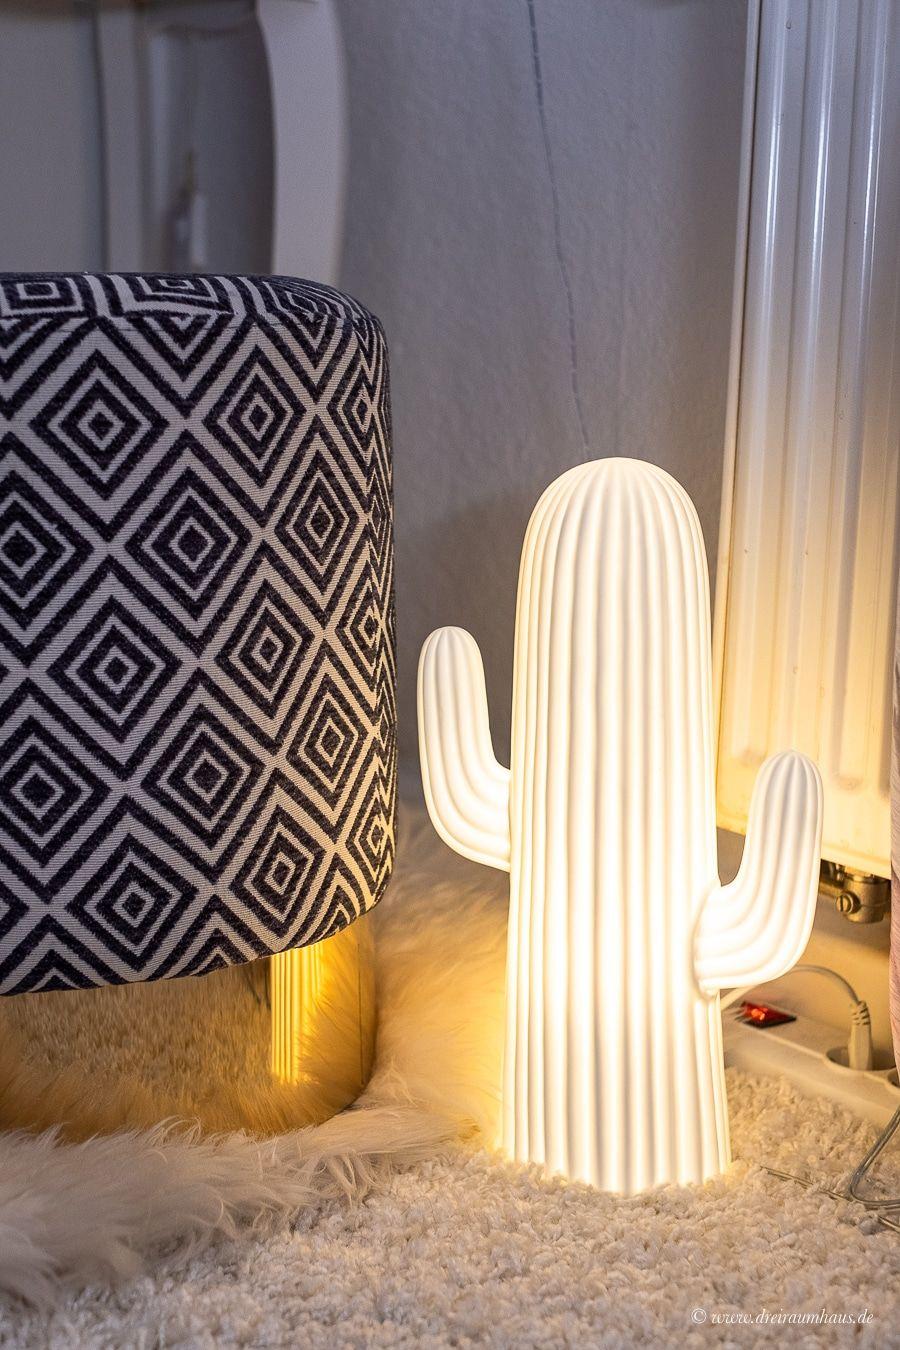 Dekosamstag: Neuanfänge! Ein Samthocker und eine Kaktusleuchte für ein Mädchenzimmer!